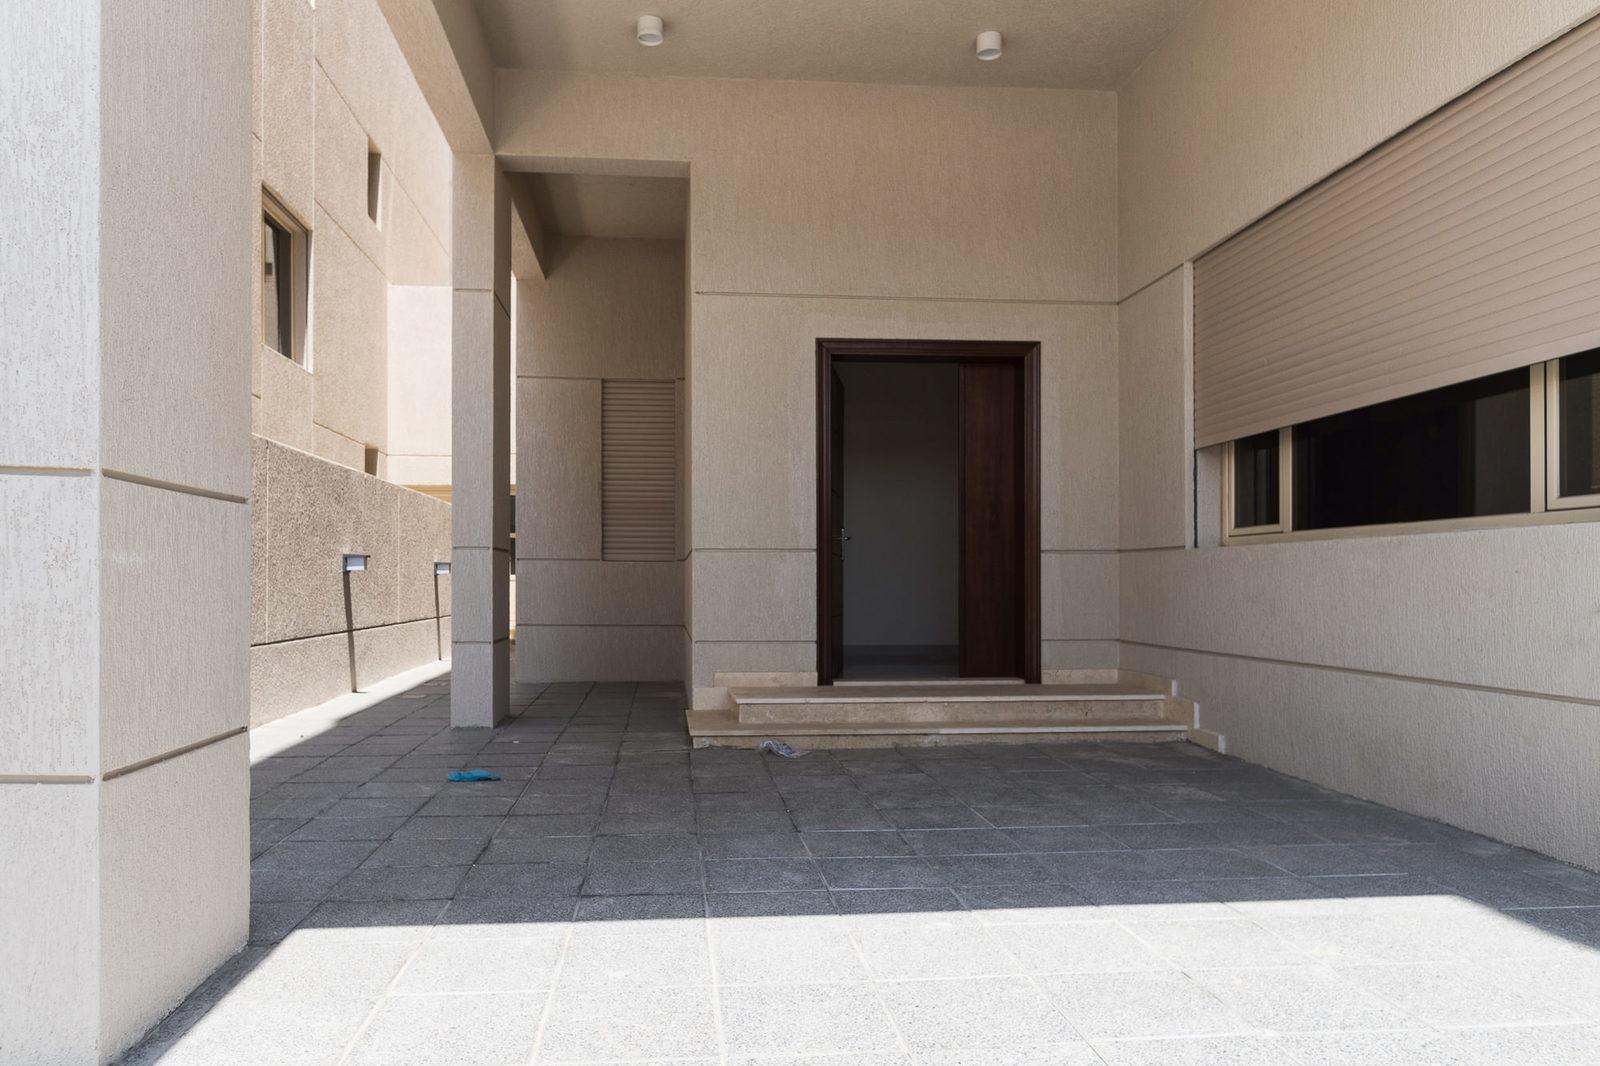 Siddeeq – large, new, unfurnished five bedroom villas w/yard